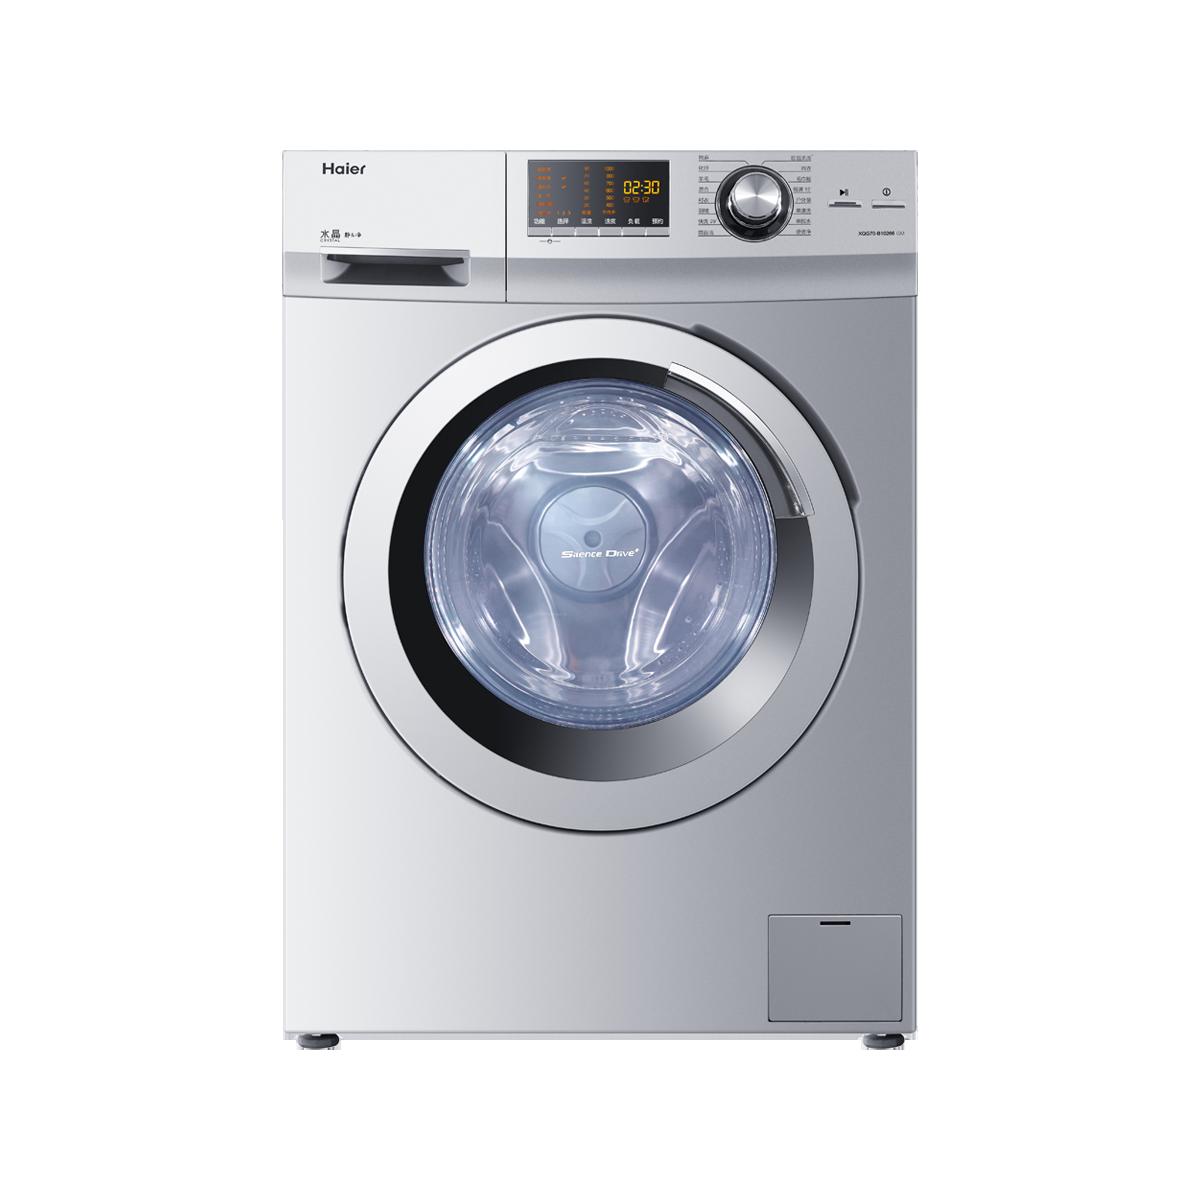 海尔Haier洗衣机 XQG70-B10266(GM) 说明书